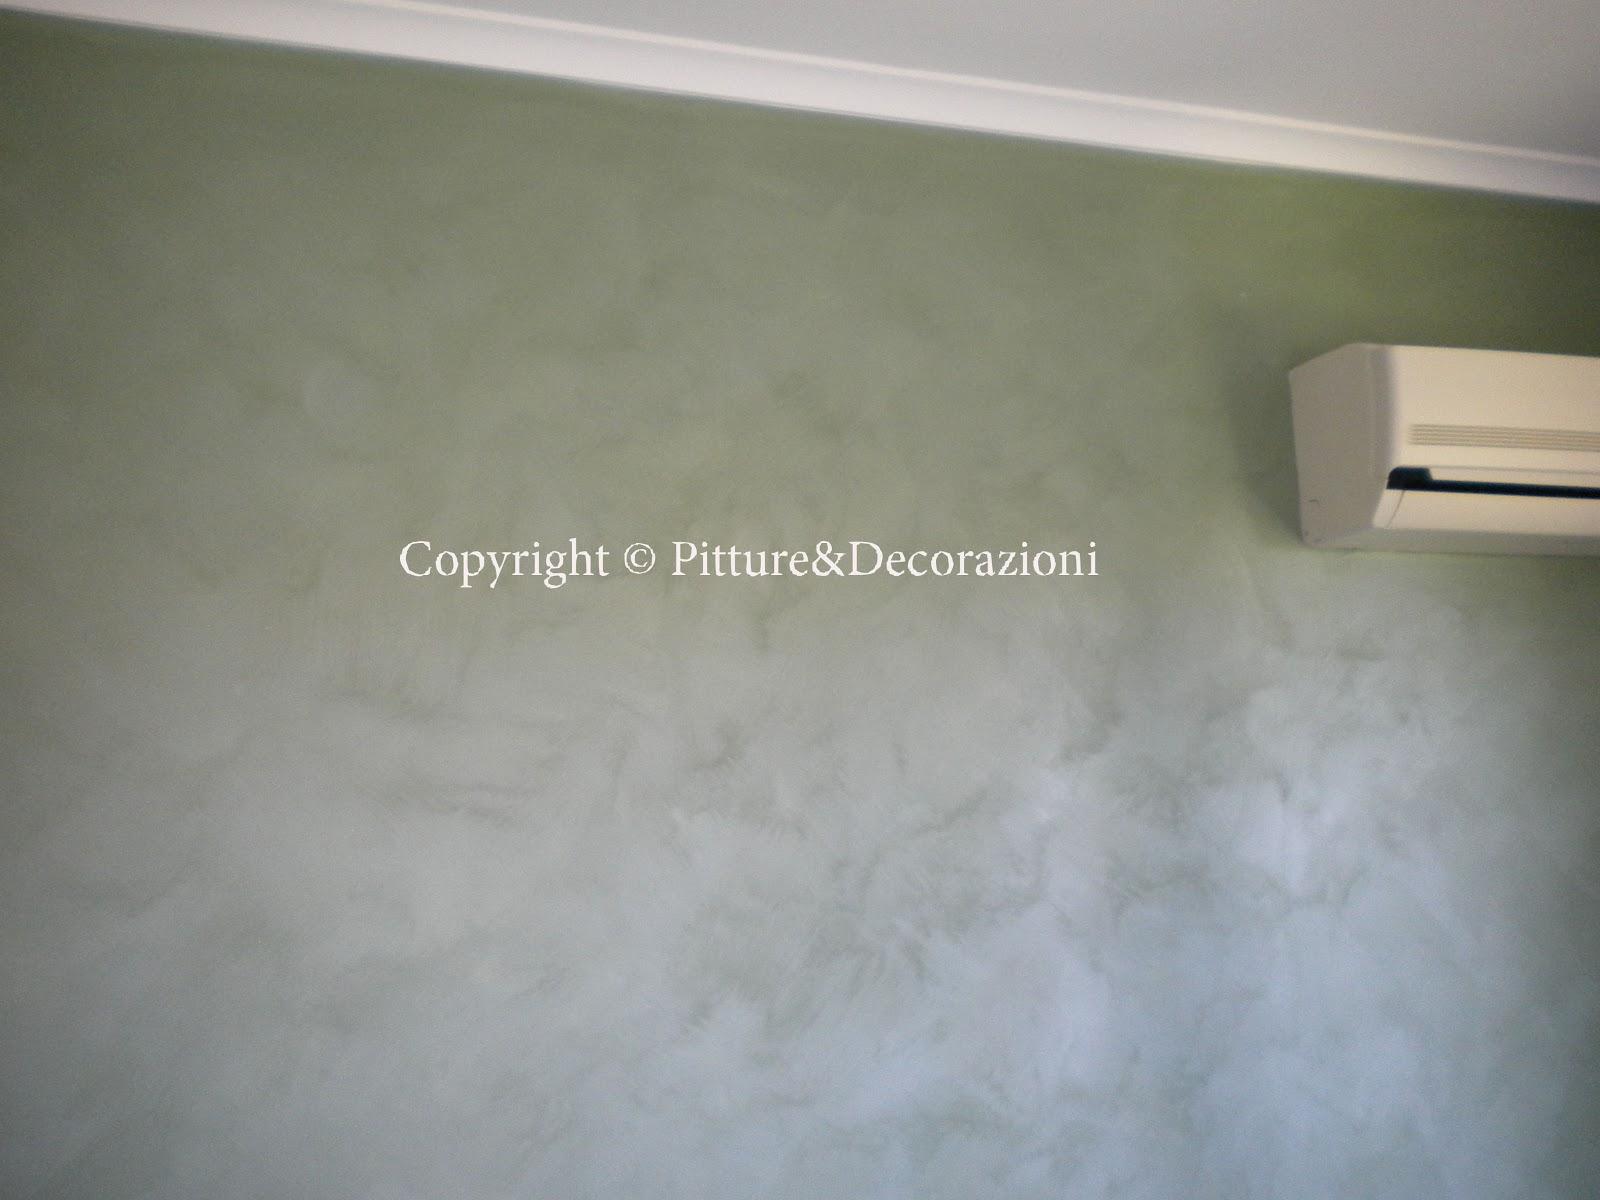 Pitture&Decorazioni: aprile 2013